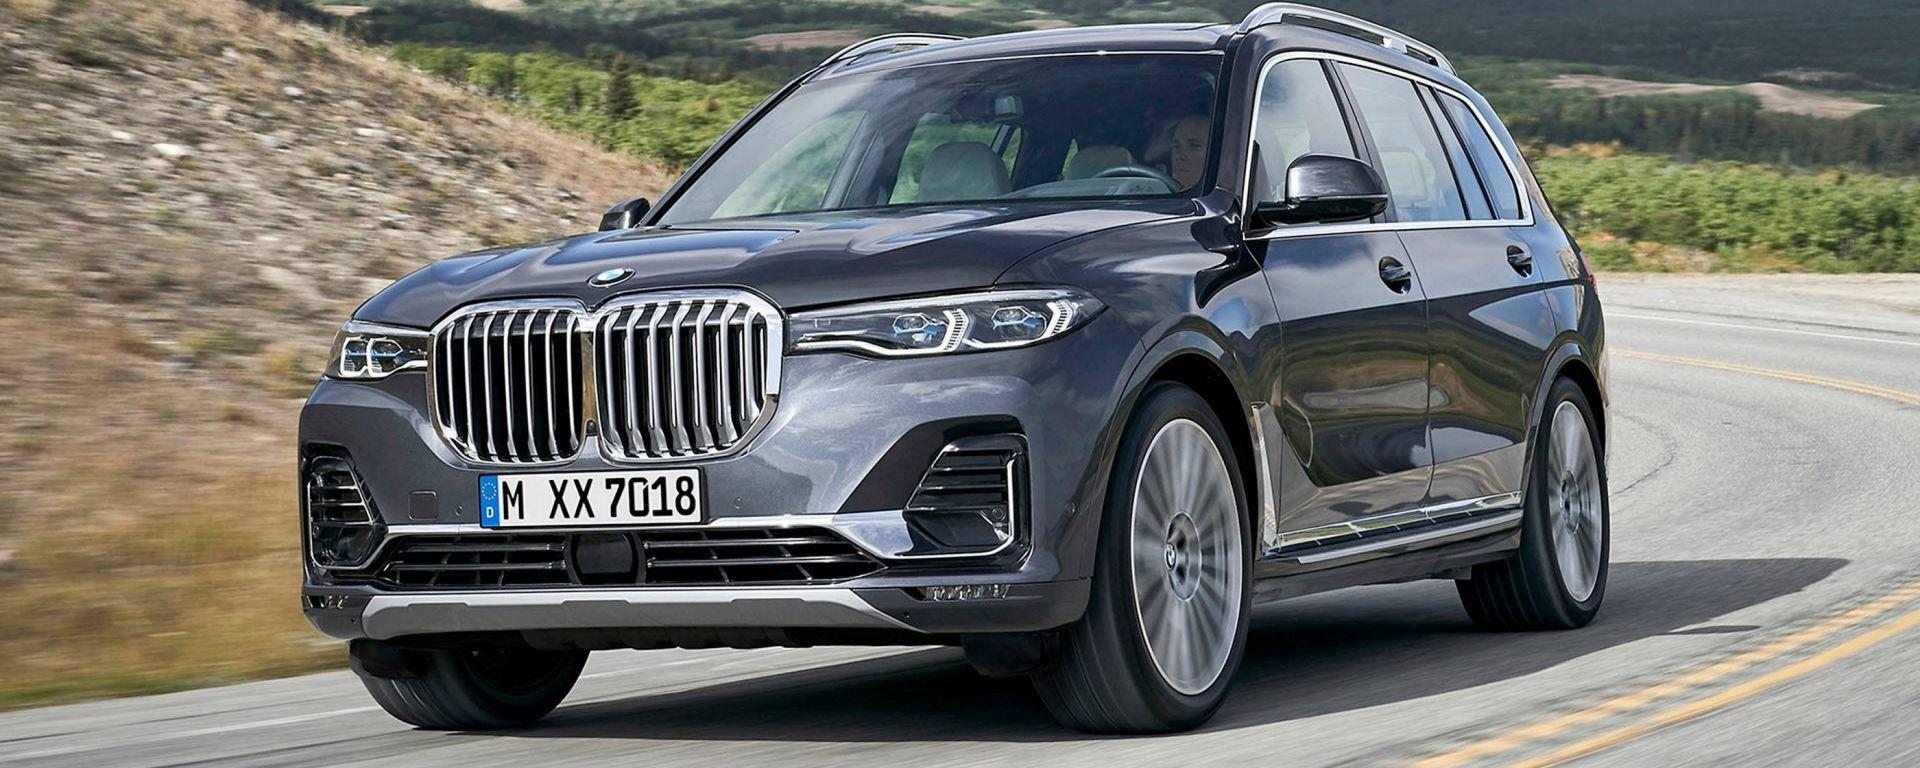 BMW X7, ecco il SUV super-lusso secondo Monaco